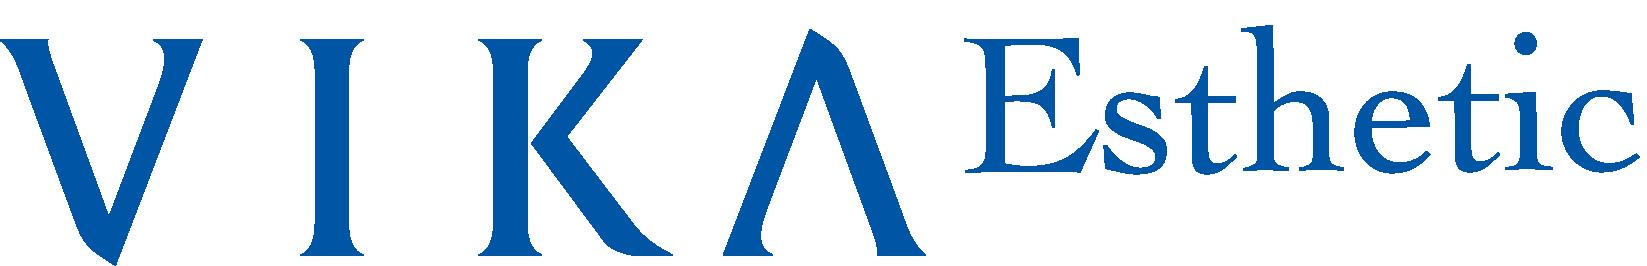 Esthetic - Blå